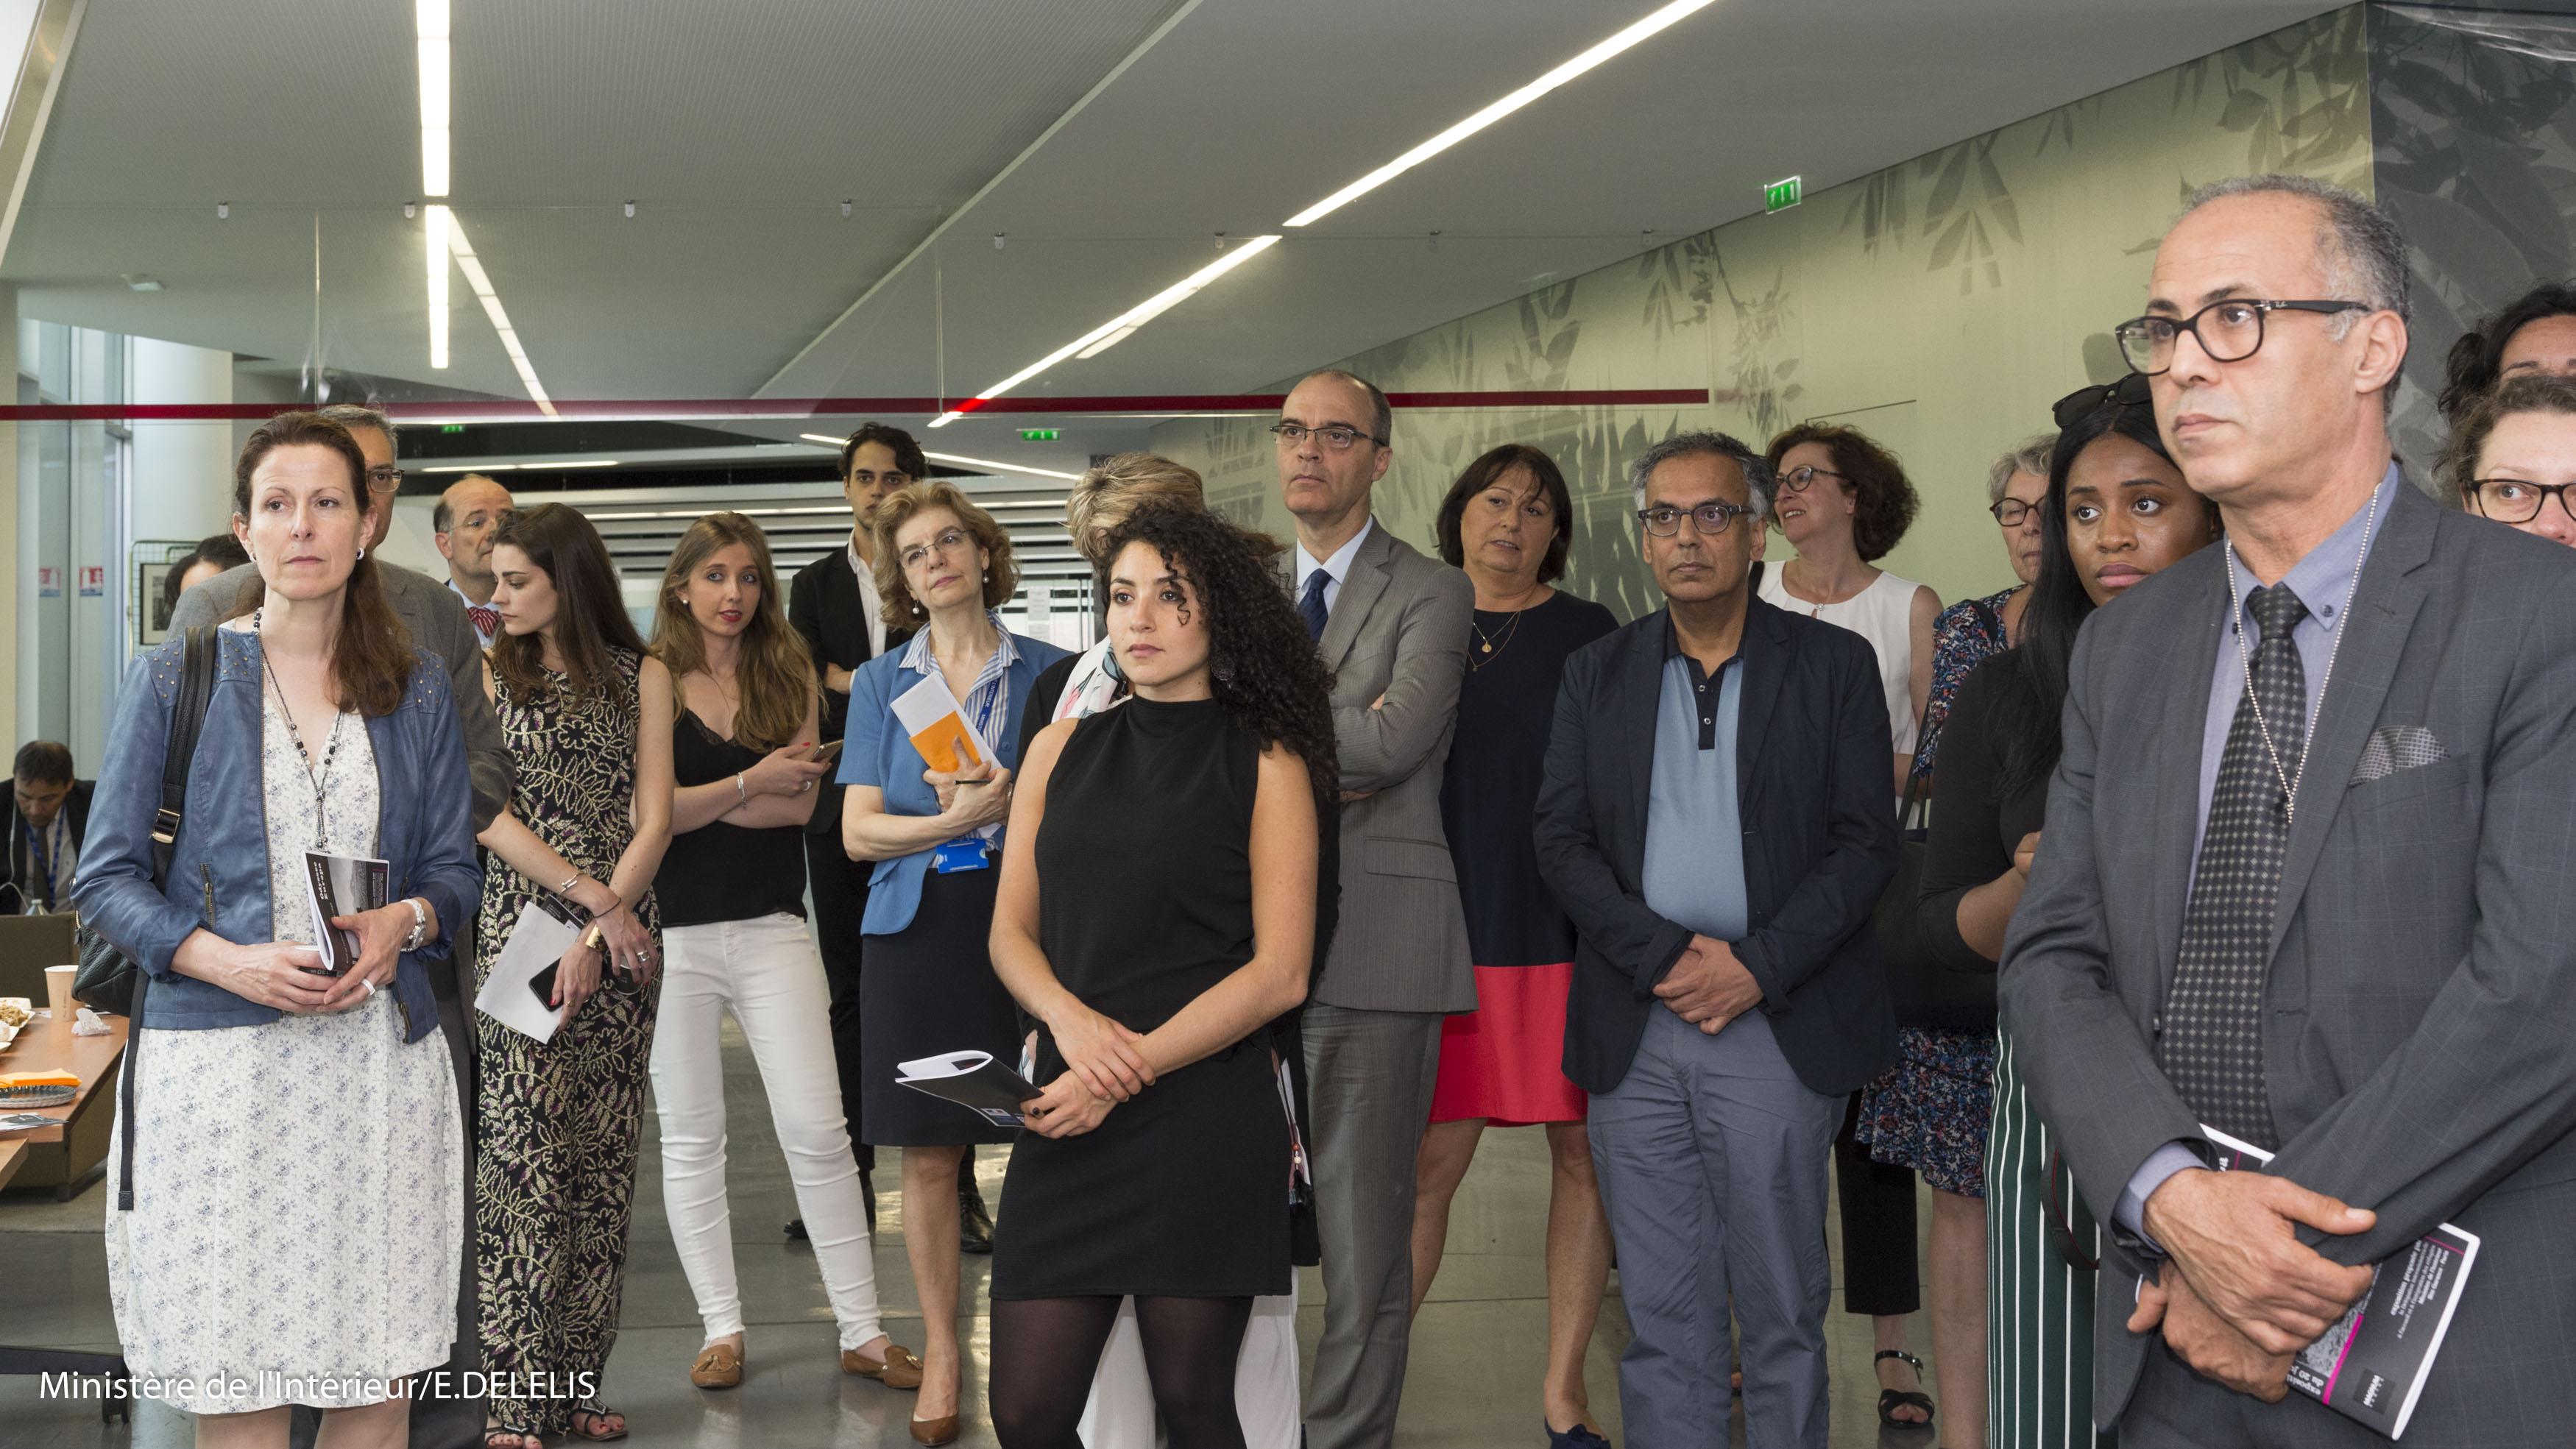 Vernissage de l'expo photos à l'occasion de la Journée Mondiale des Réfugiés en présence du préfet Alain Régnier Délégué Interministériel à l'Accueil et à l'Intégration des Réfugiés, DIAIR